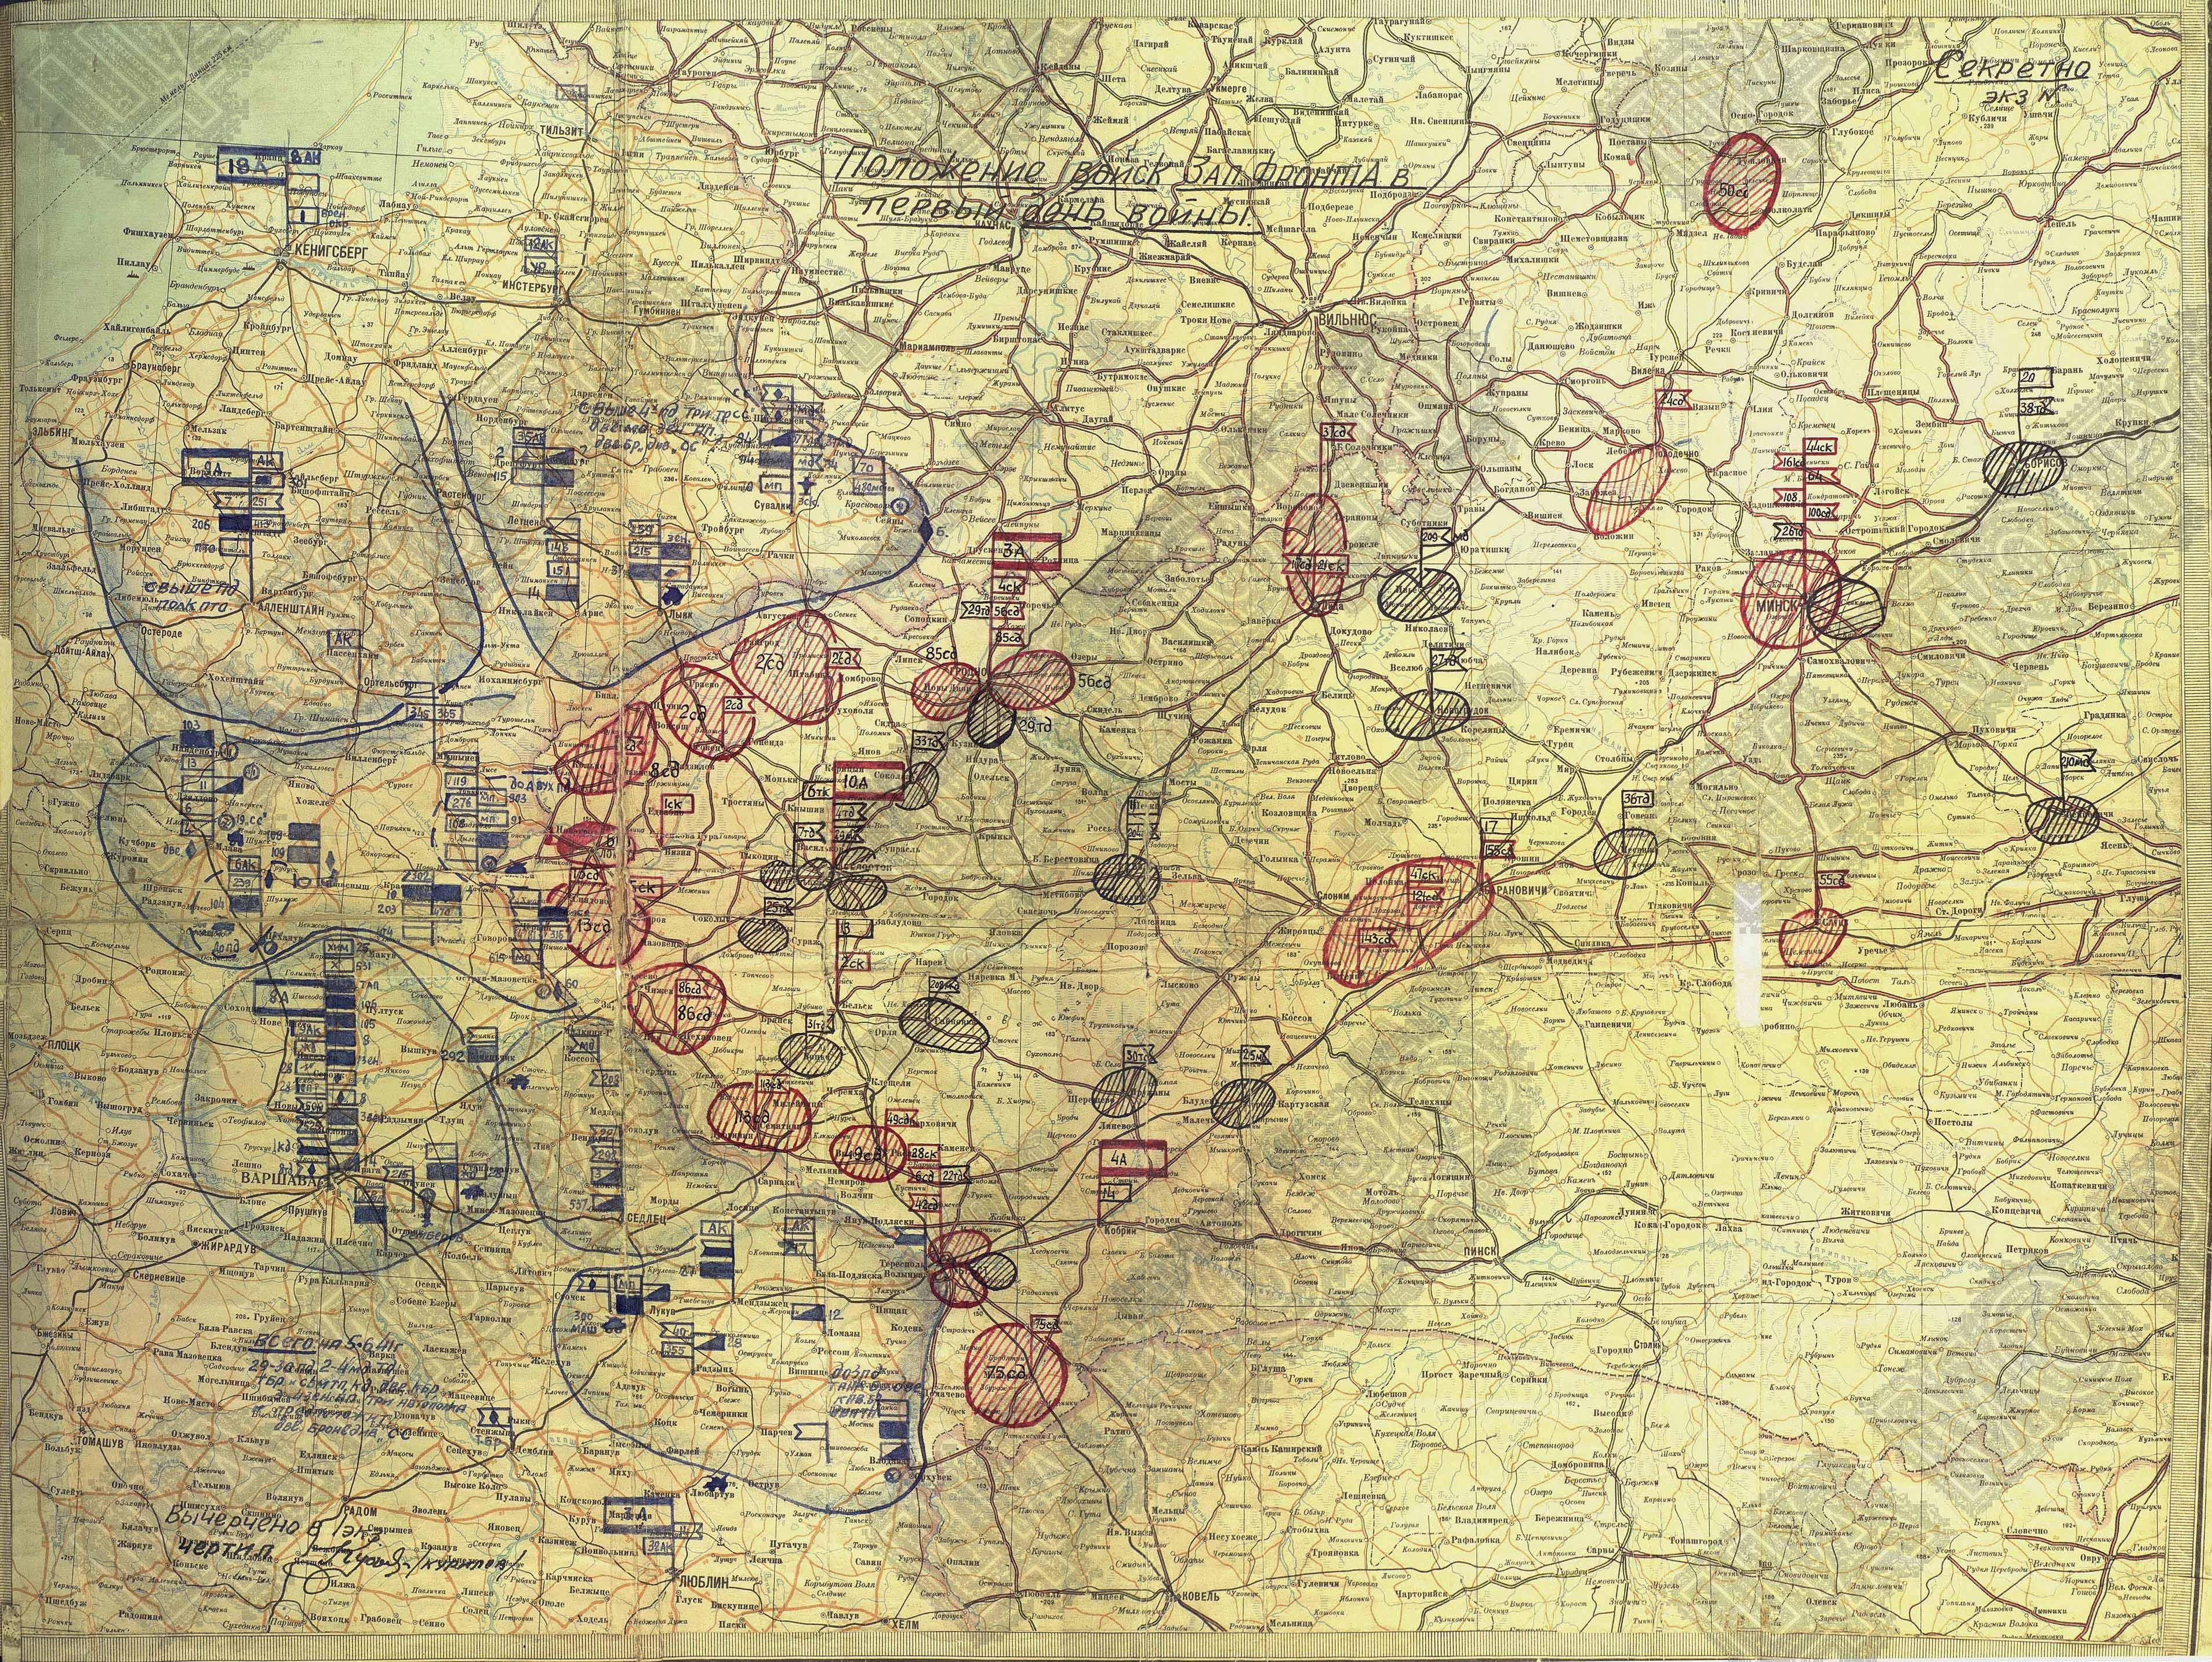 Положение войск Западного фронта в первый день войны (карта). Подлинник